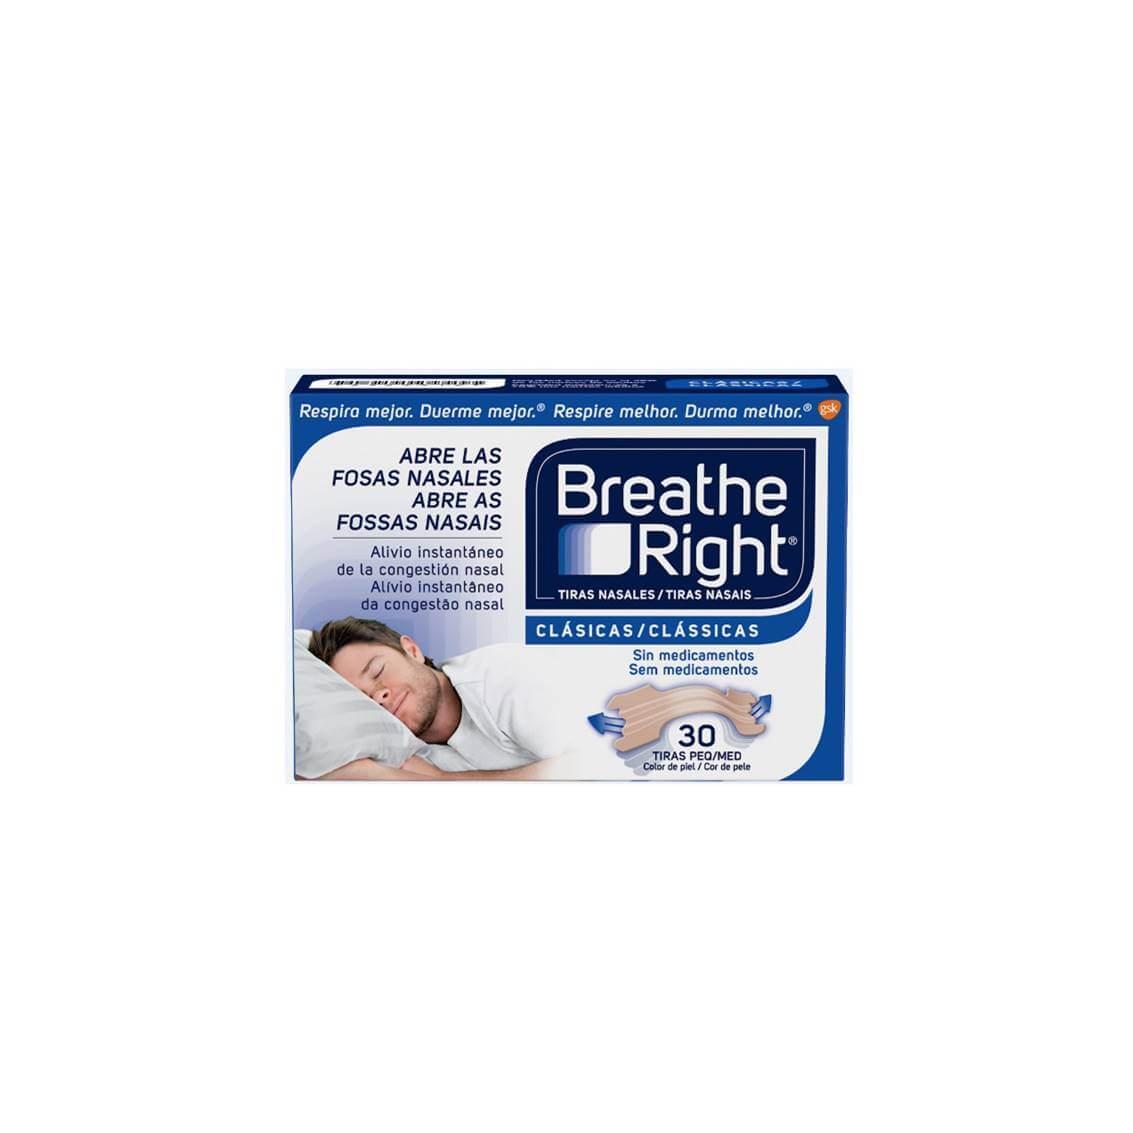 Breathe right 30 tiras nasales tamaño pequeño/mediano